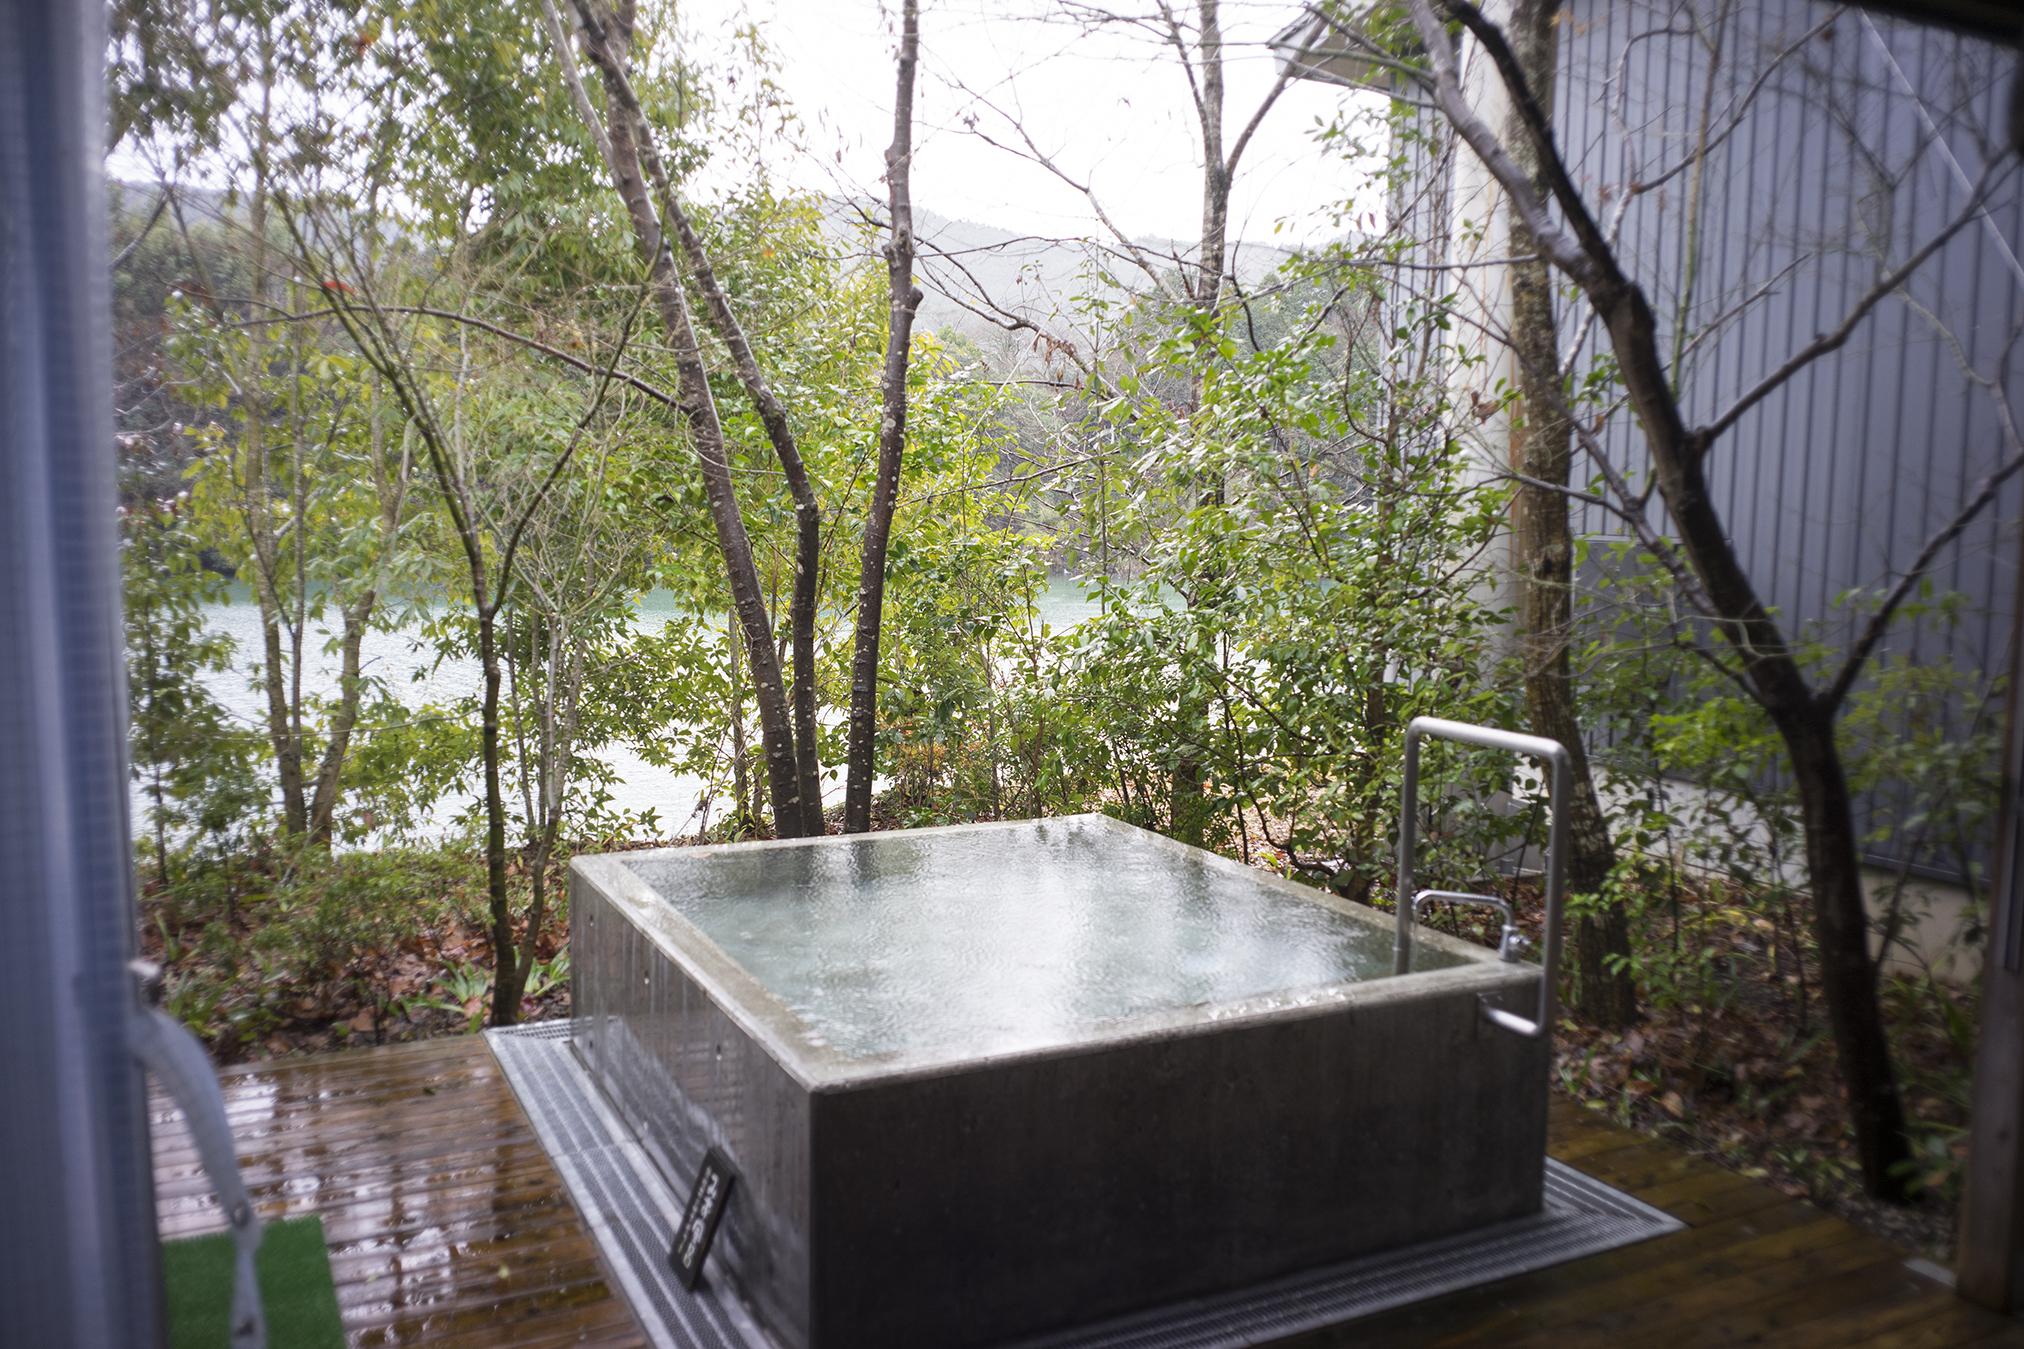 【土佐の隠れ家】温泉cafe『湖畔遊』の無農薬ランチとお風呂